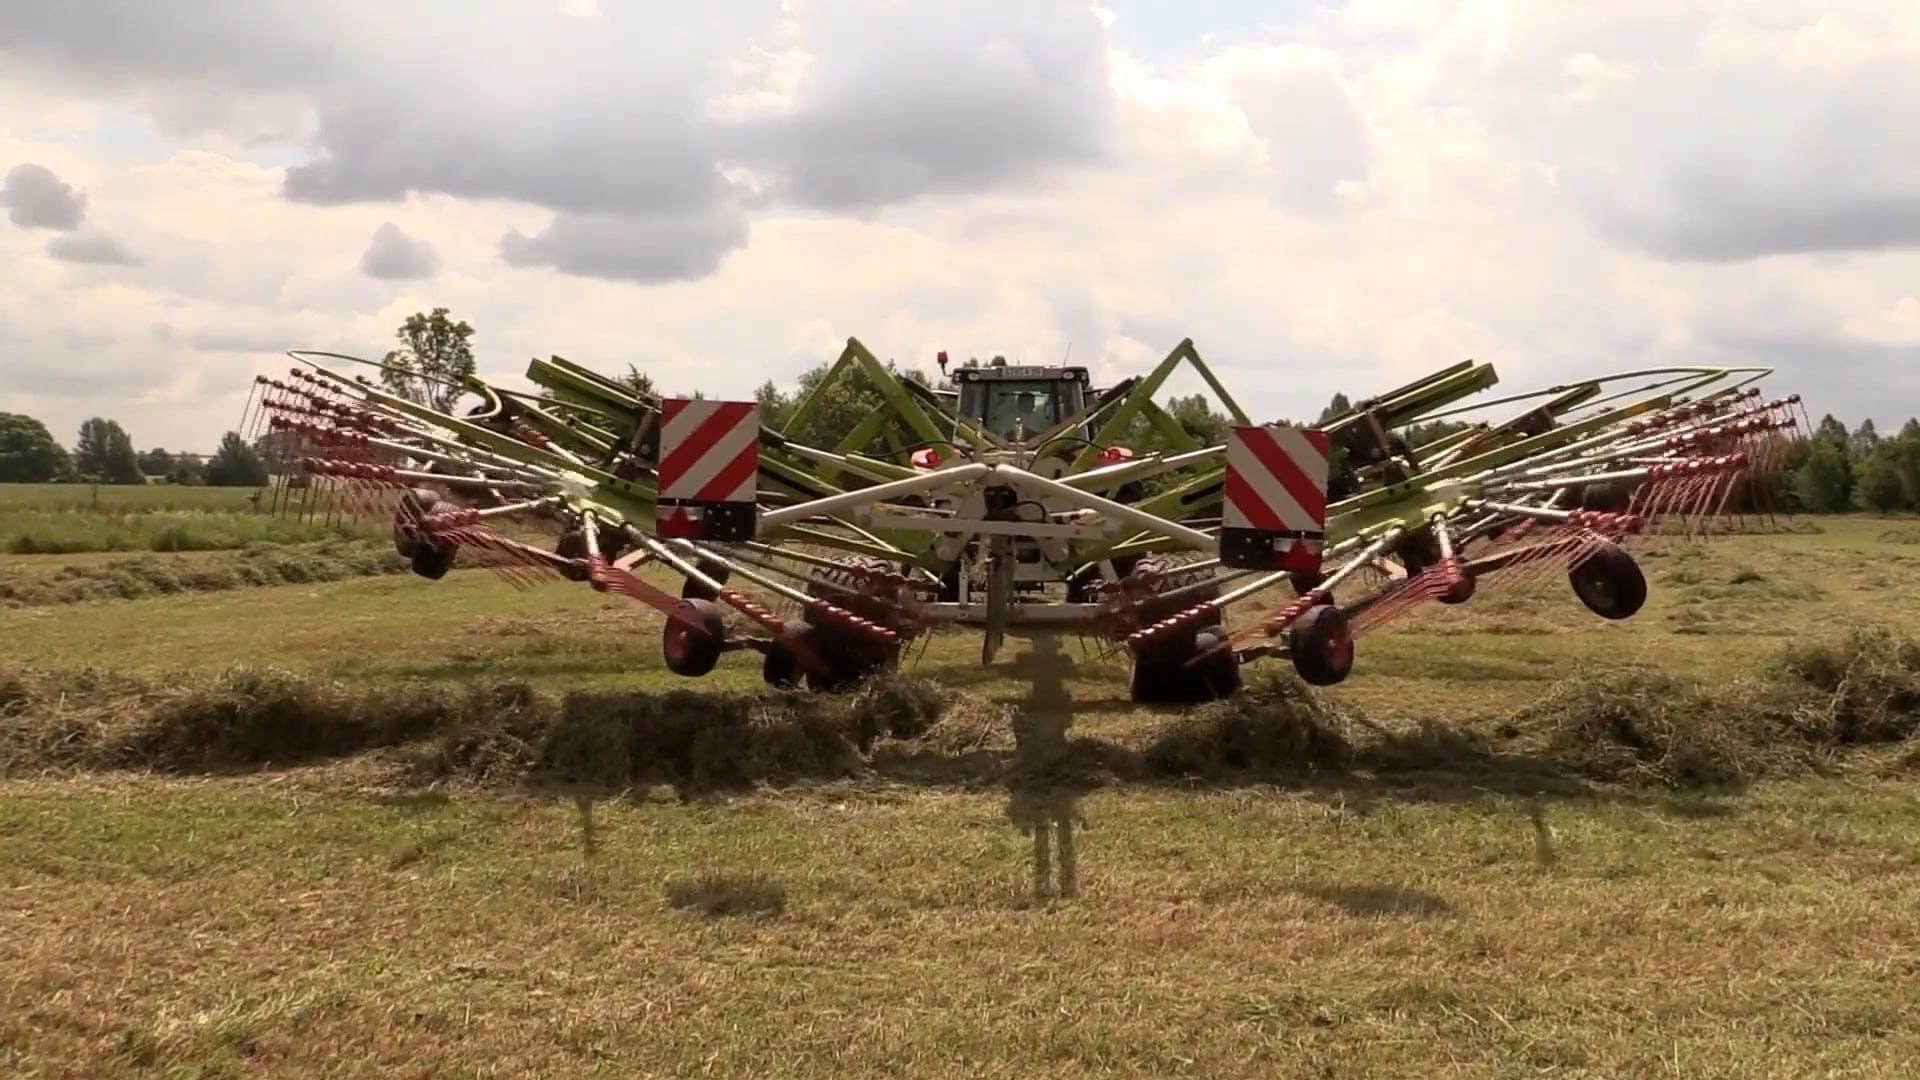 Haymaking Using Tedder Machine